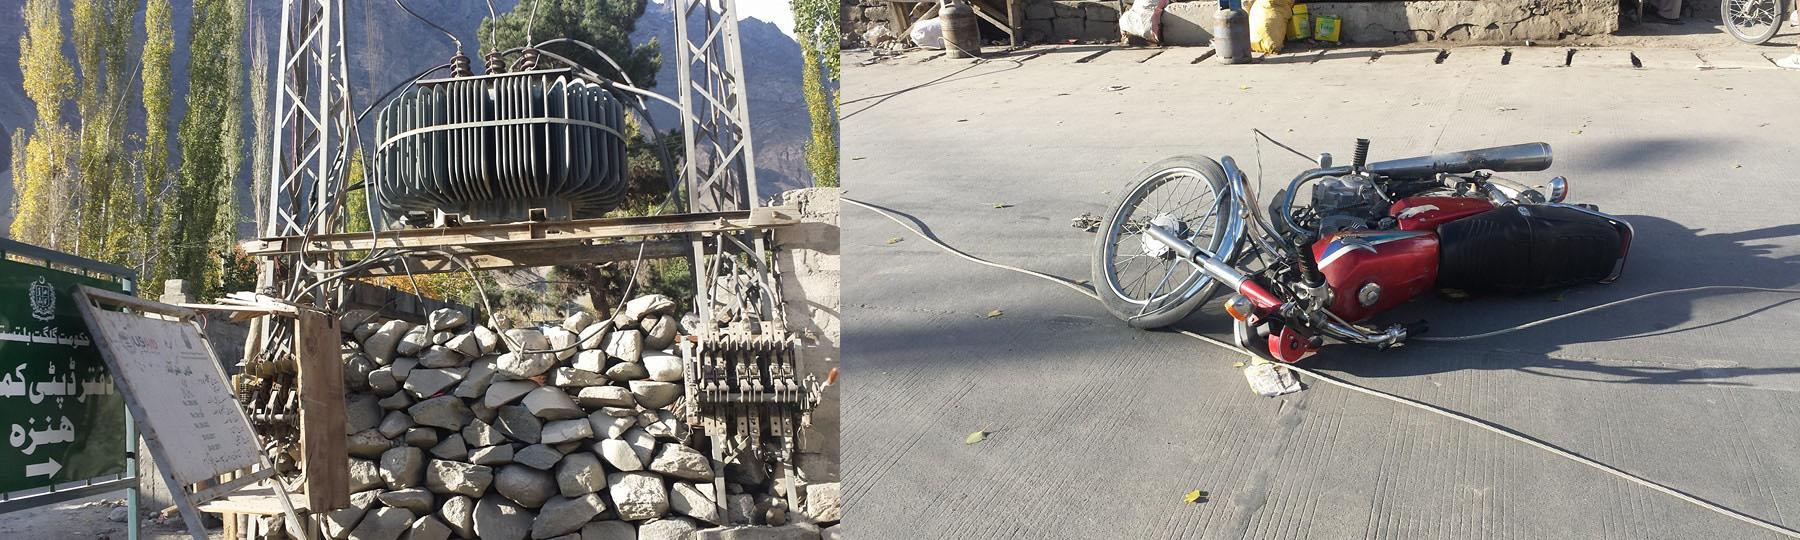 ہنزہ، علی آباد میں گیارہ ہزار والٹ بجلی کی لائن موٹر سائیکل پر گر گئی